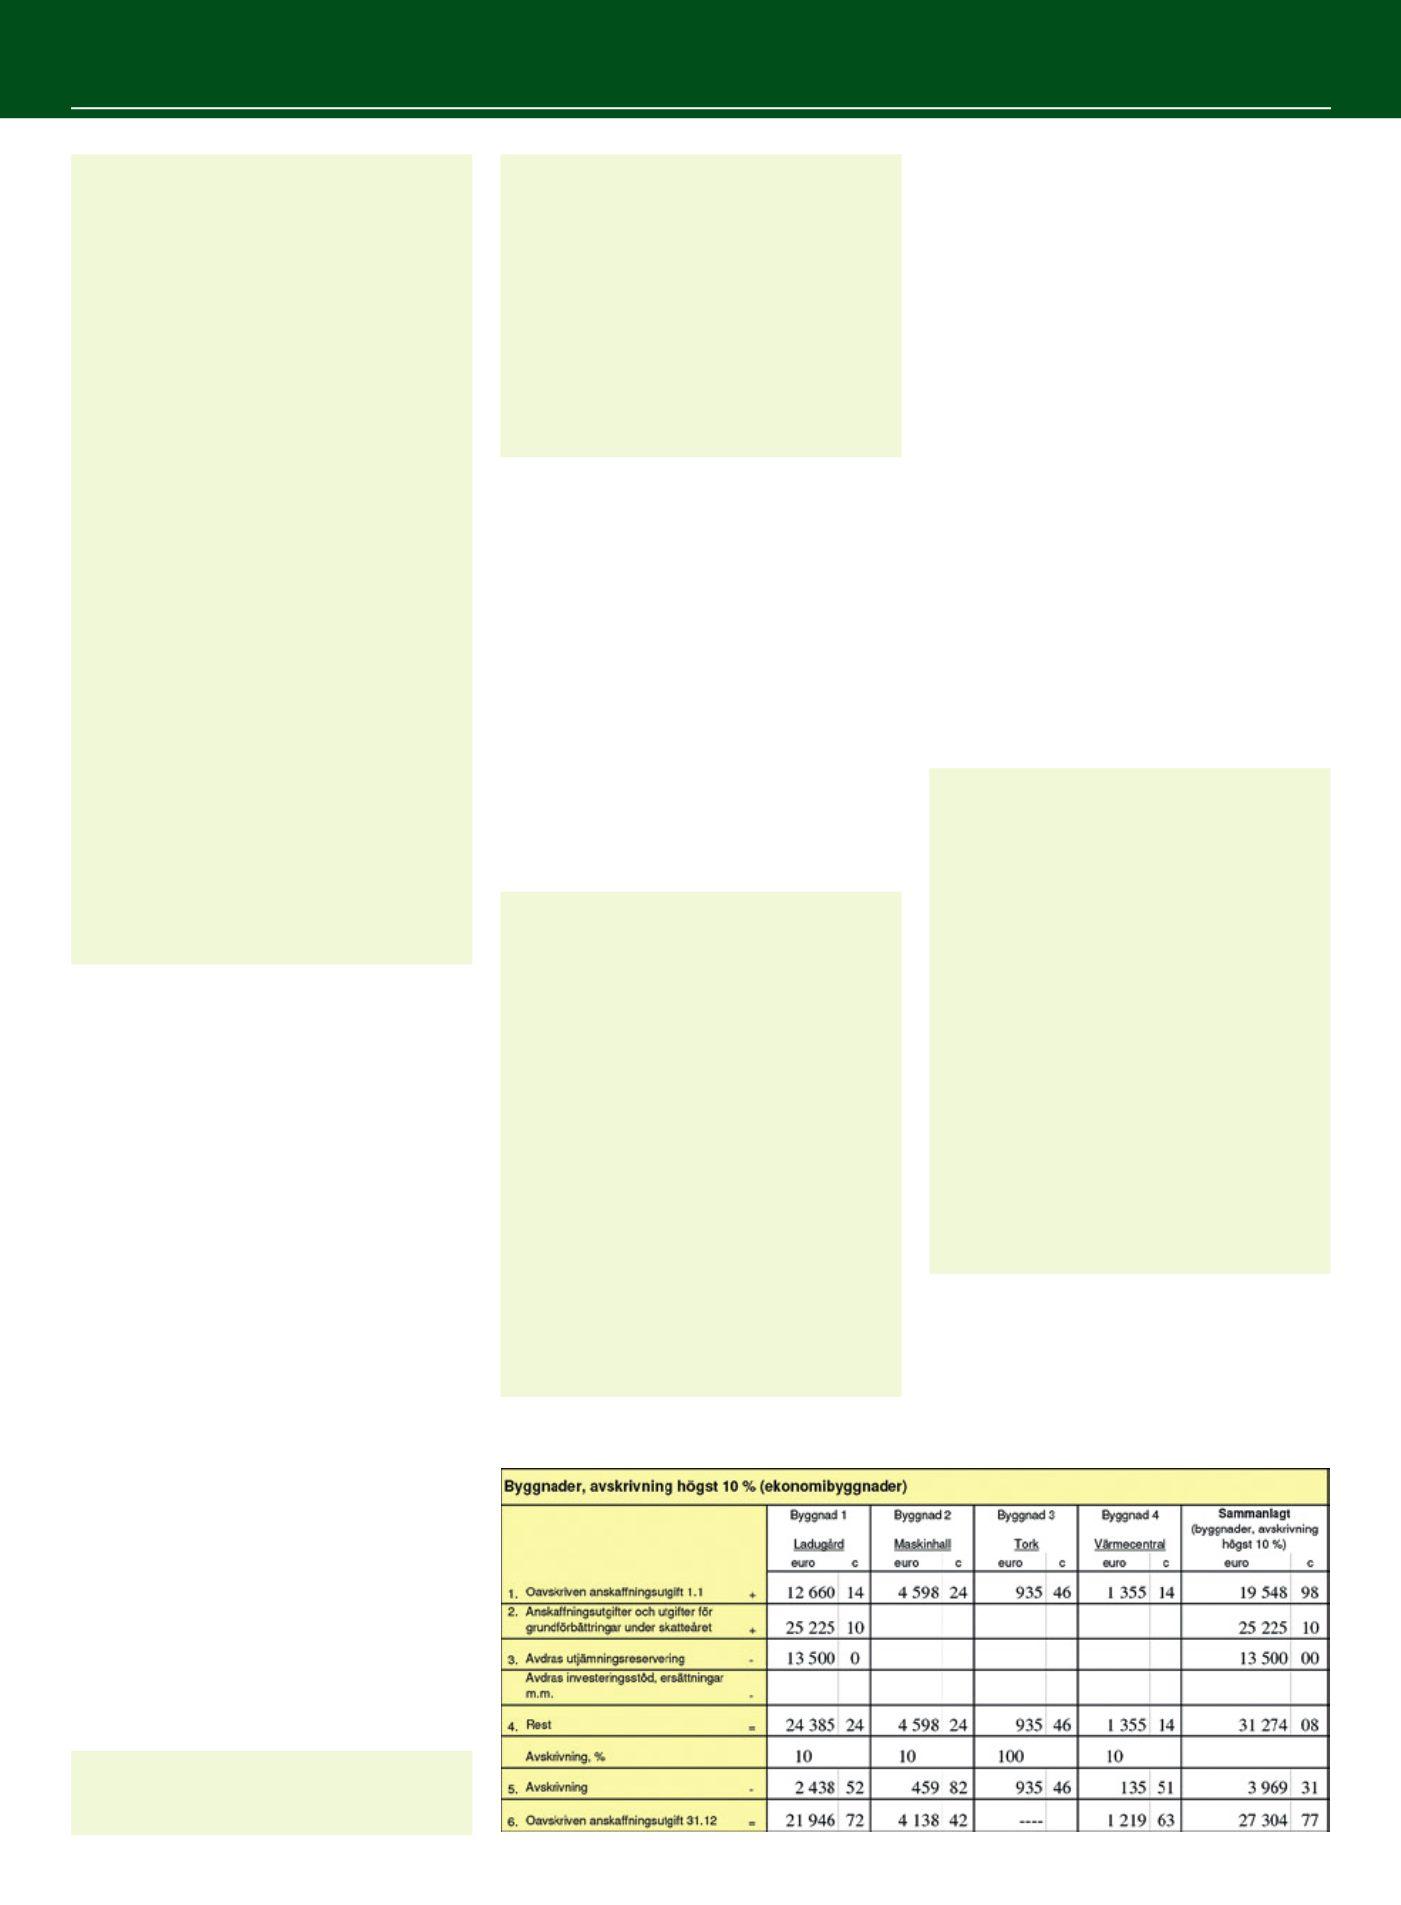 Avskrivning byggnad skatteverket